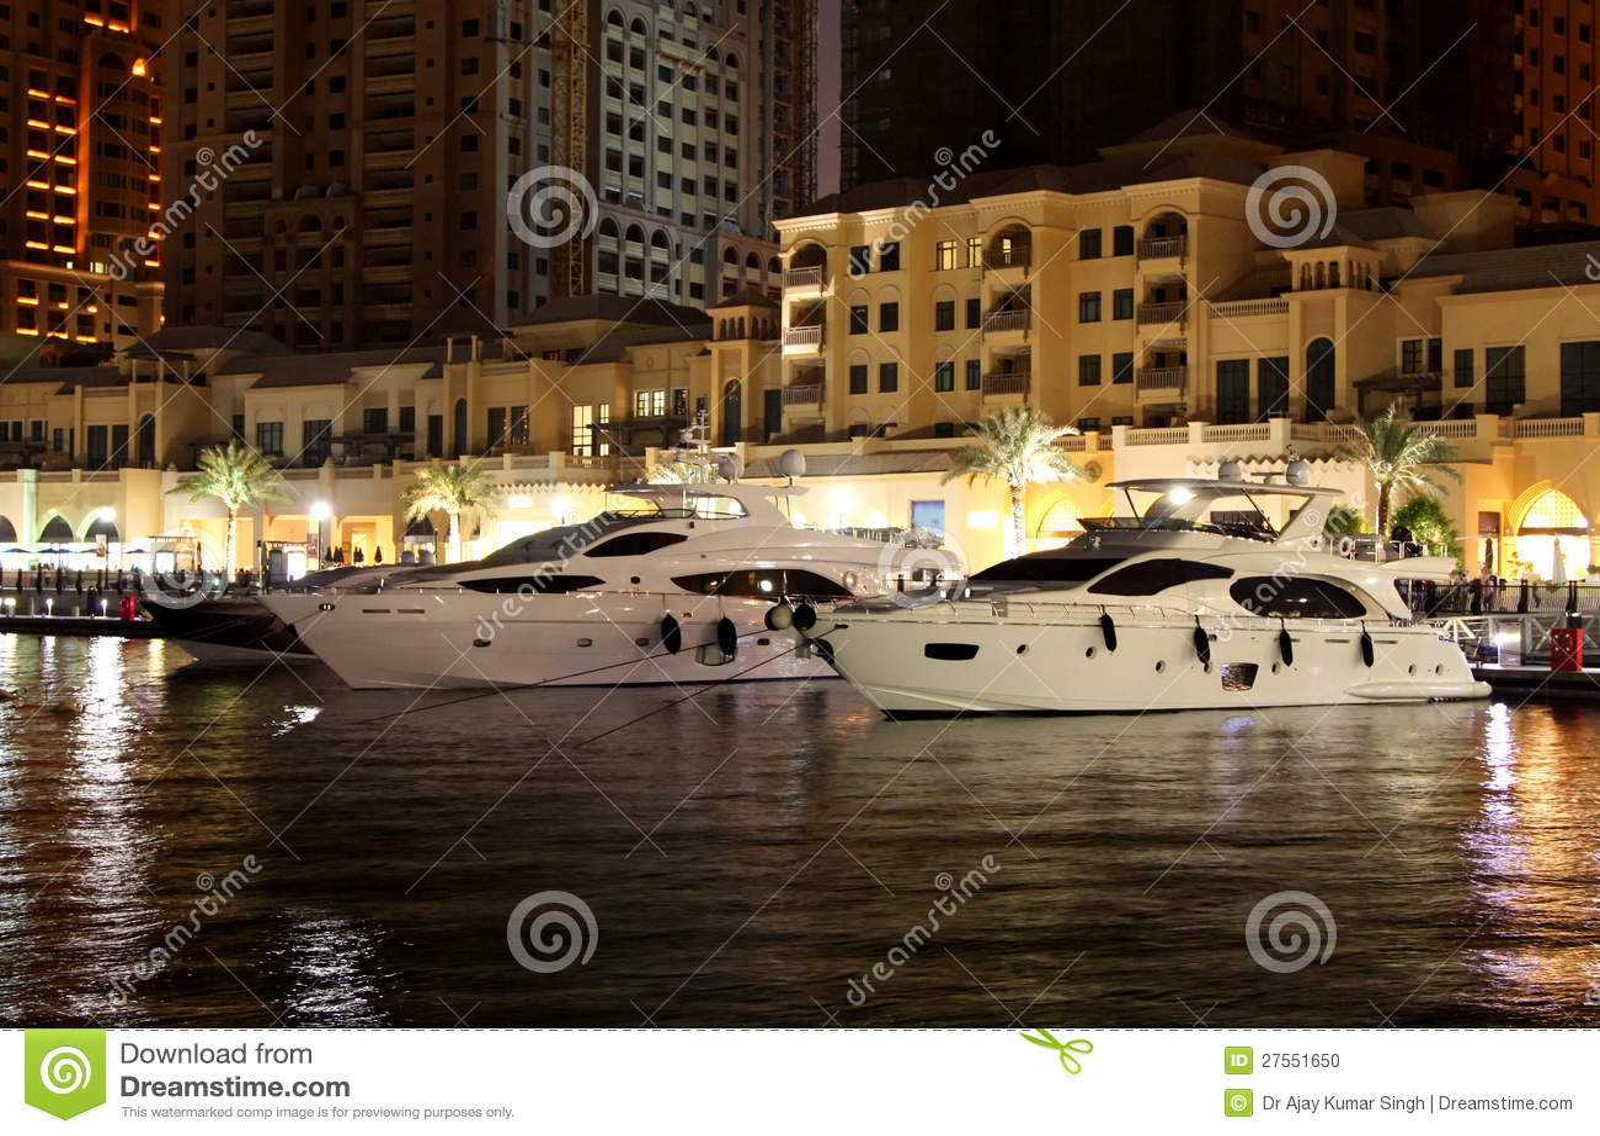 豪华小船在珍珠卡塔尔怀有了